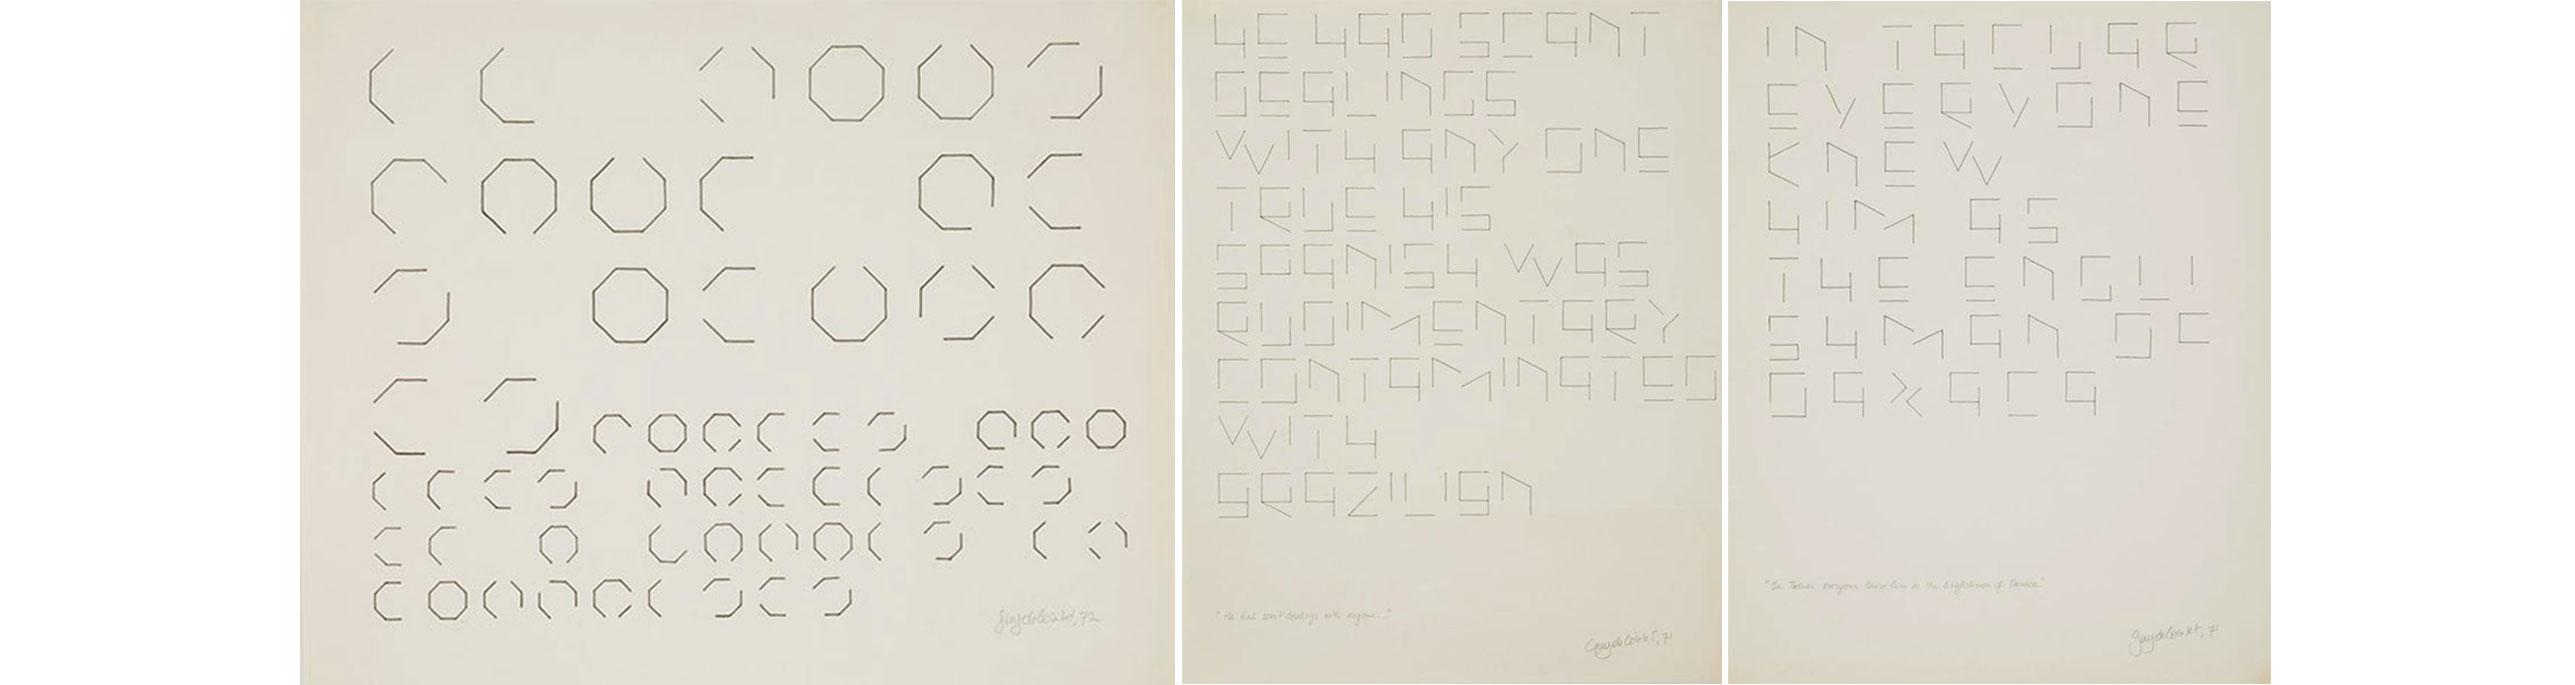 Guy-de-Cointet-alphabets